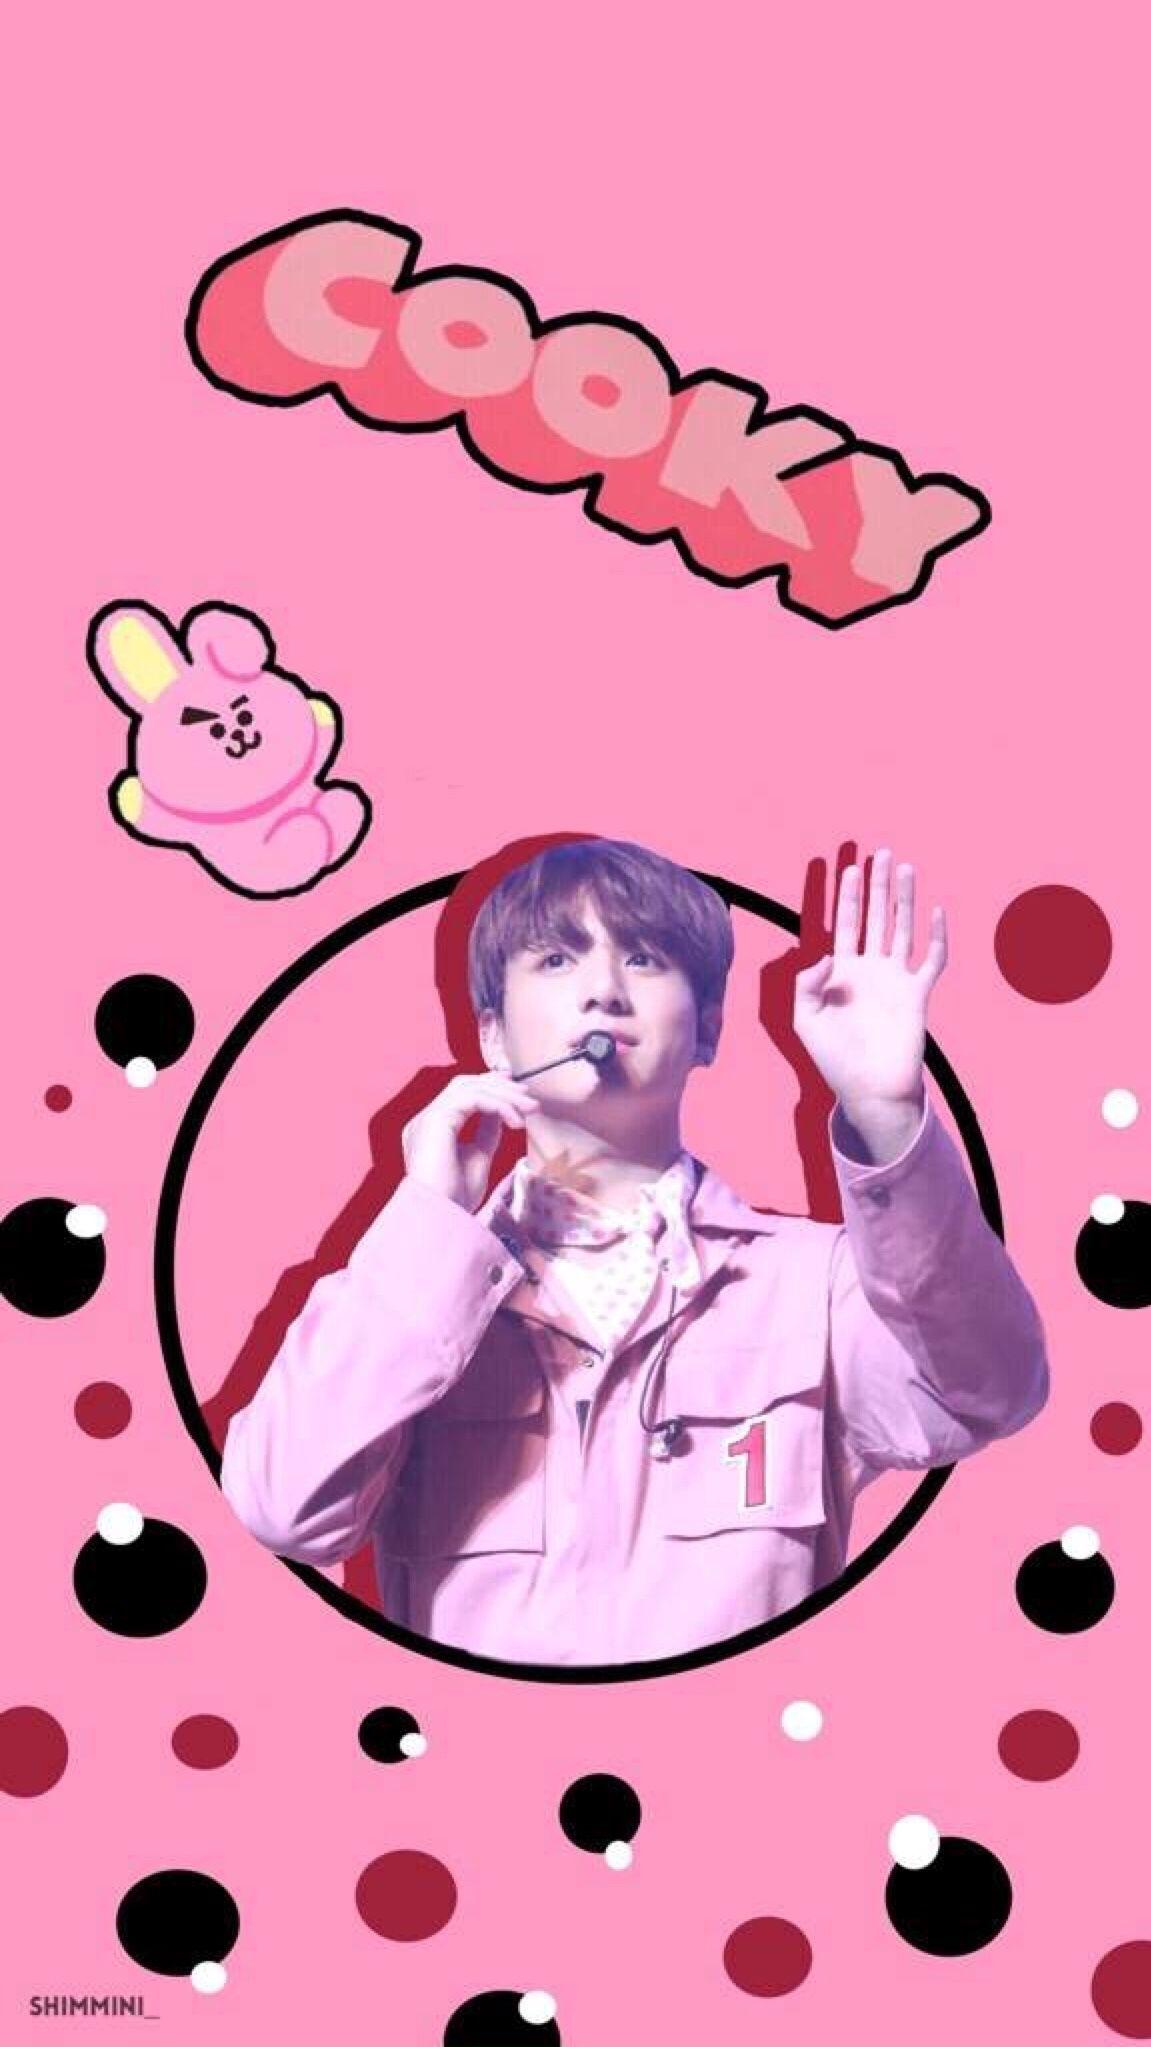 Jungkook Bts Bt21 Shimmini Bts Wallpaper Bts Drawings Bts Jungkook Wallpaper bts x bt21